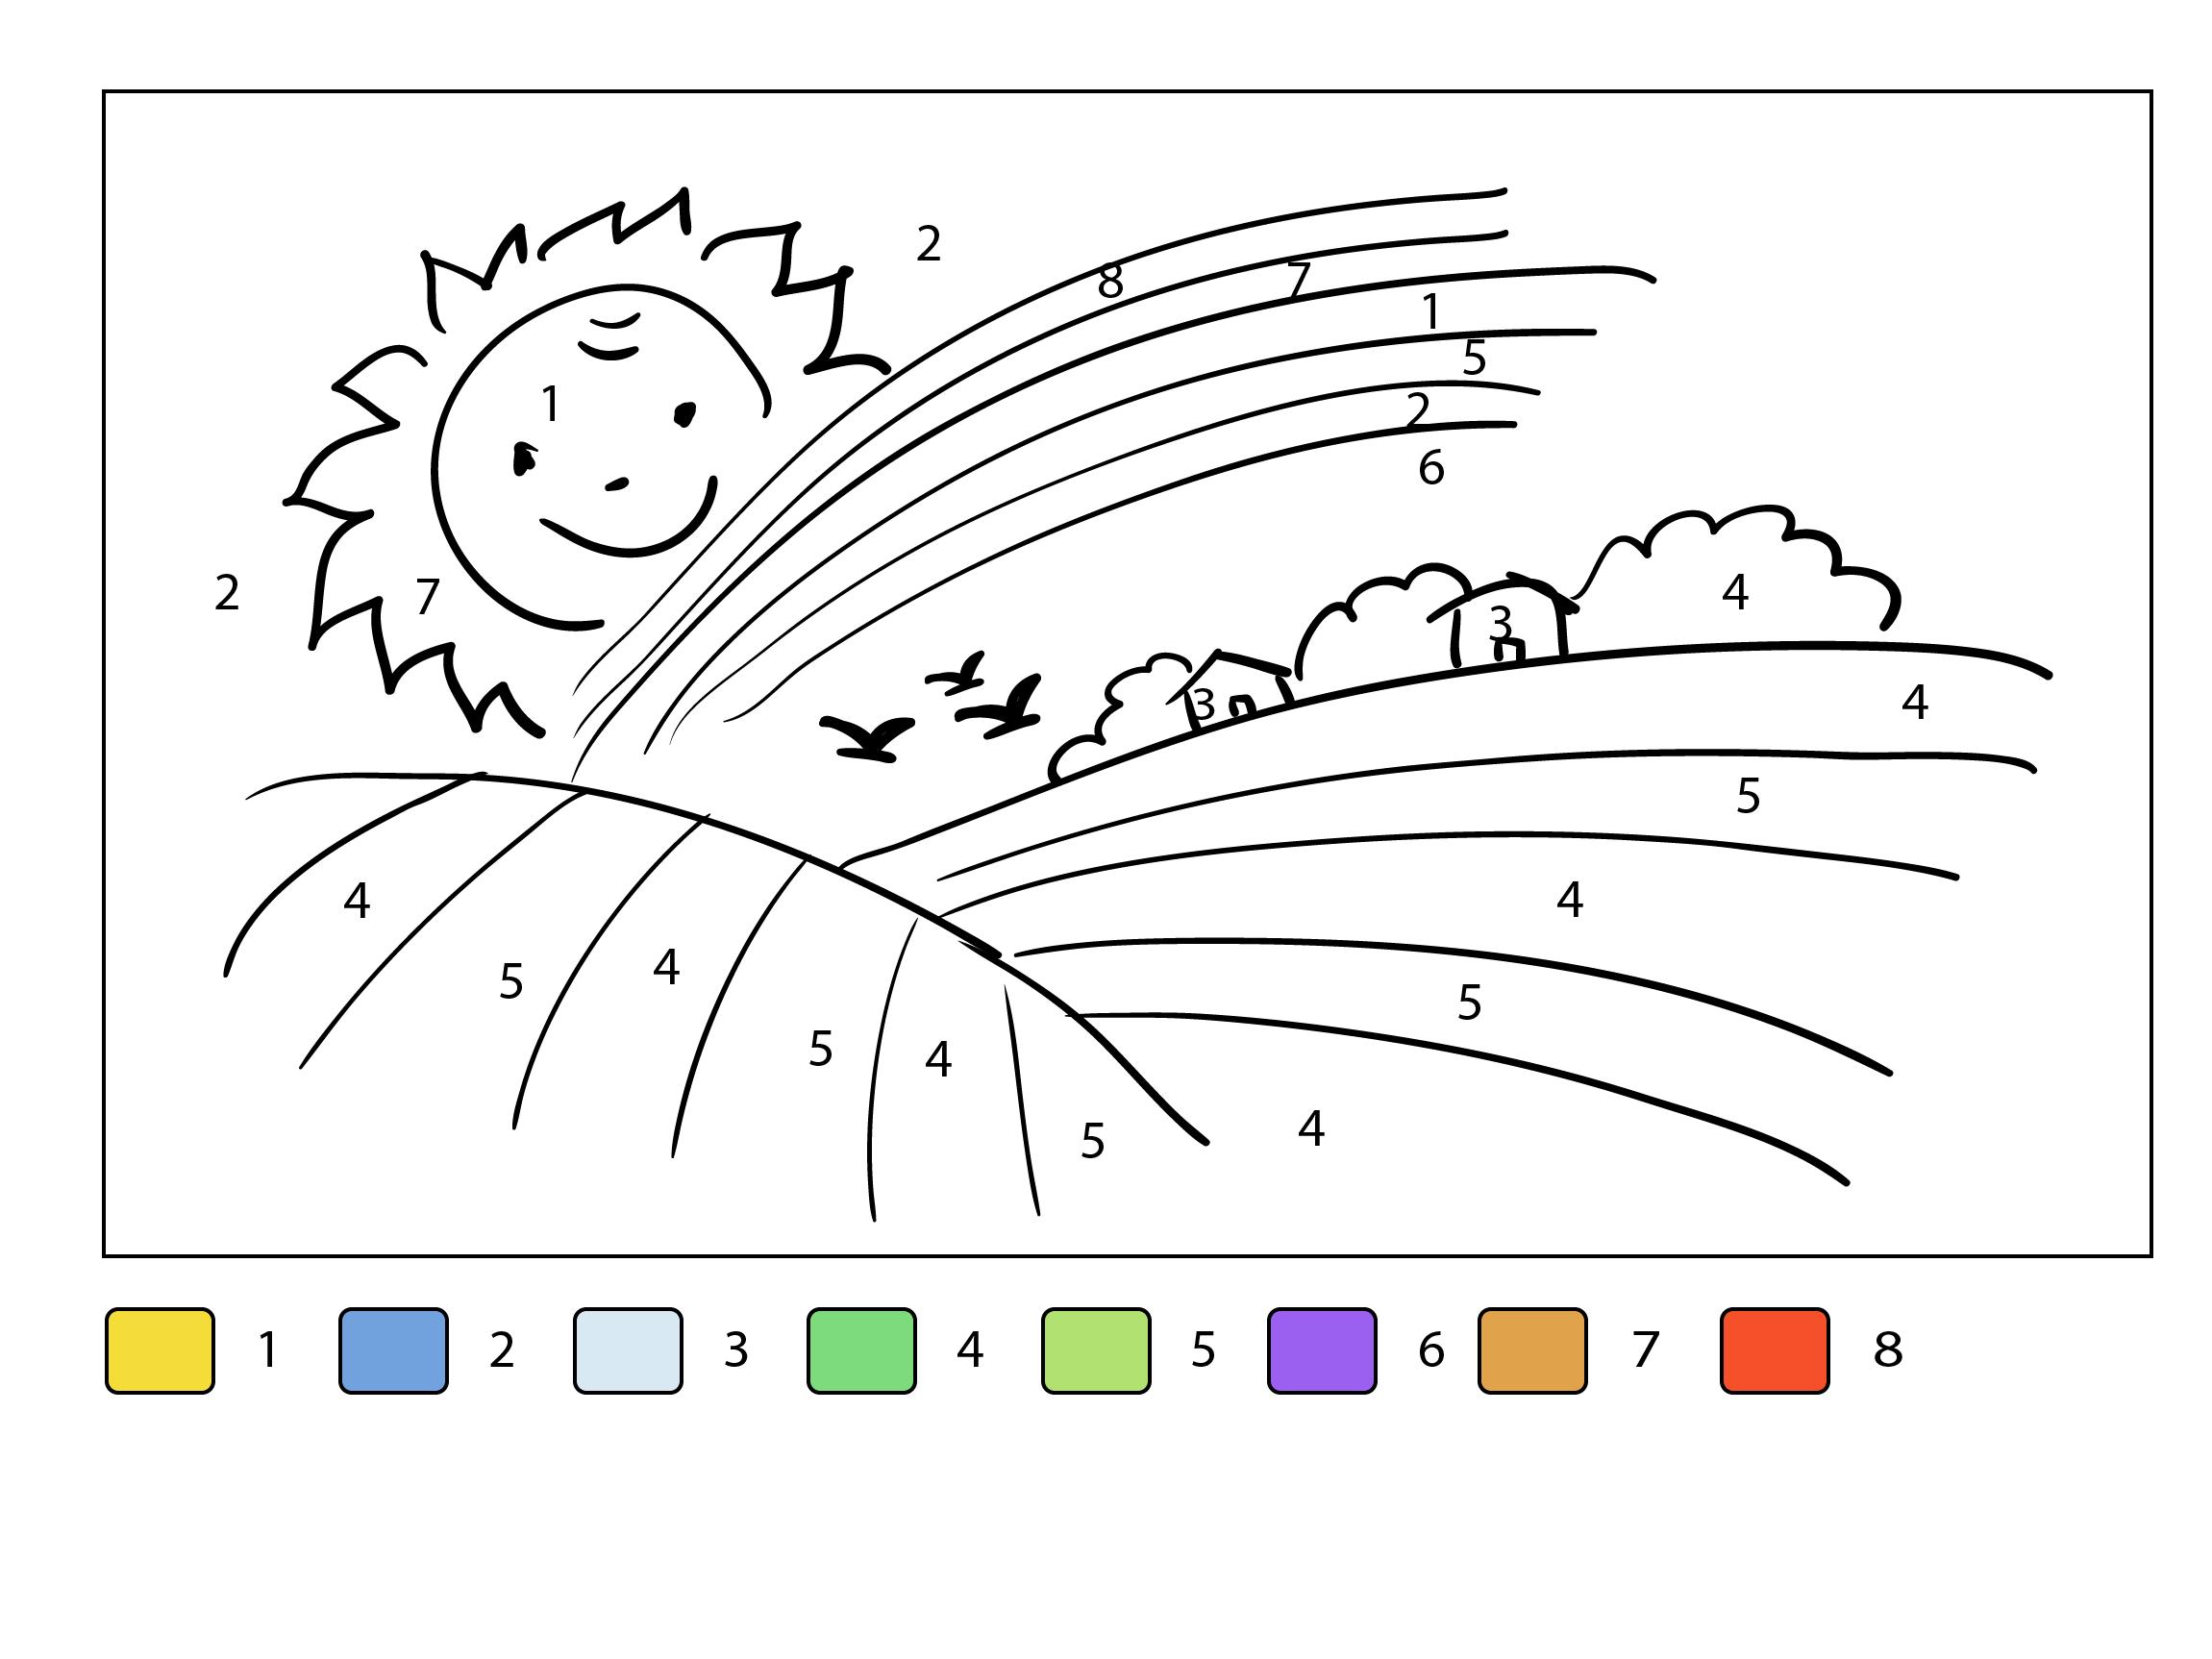 Tổng hợp các bức tranh tô màu cánh đồng lúa cho bé